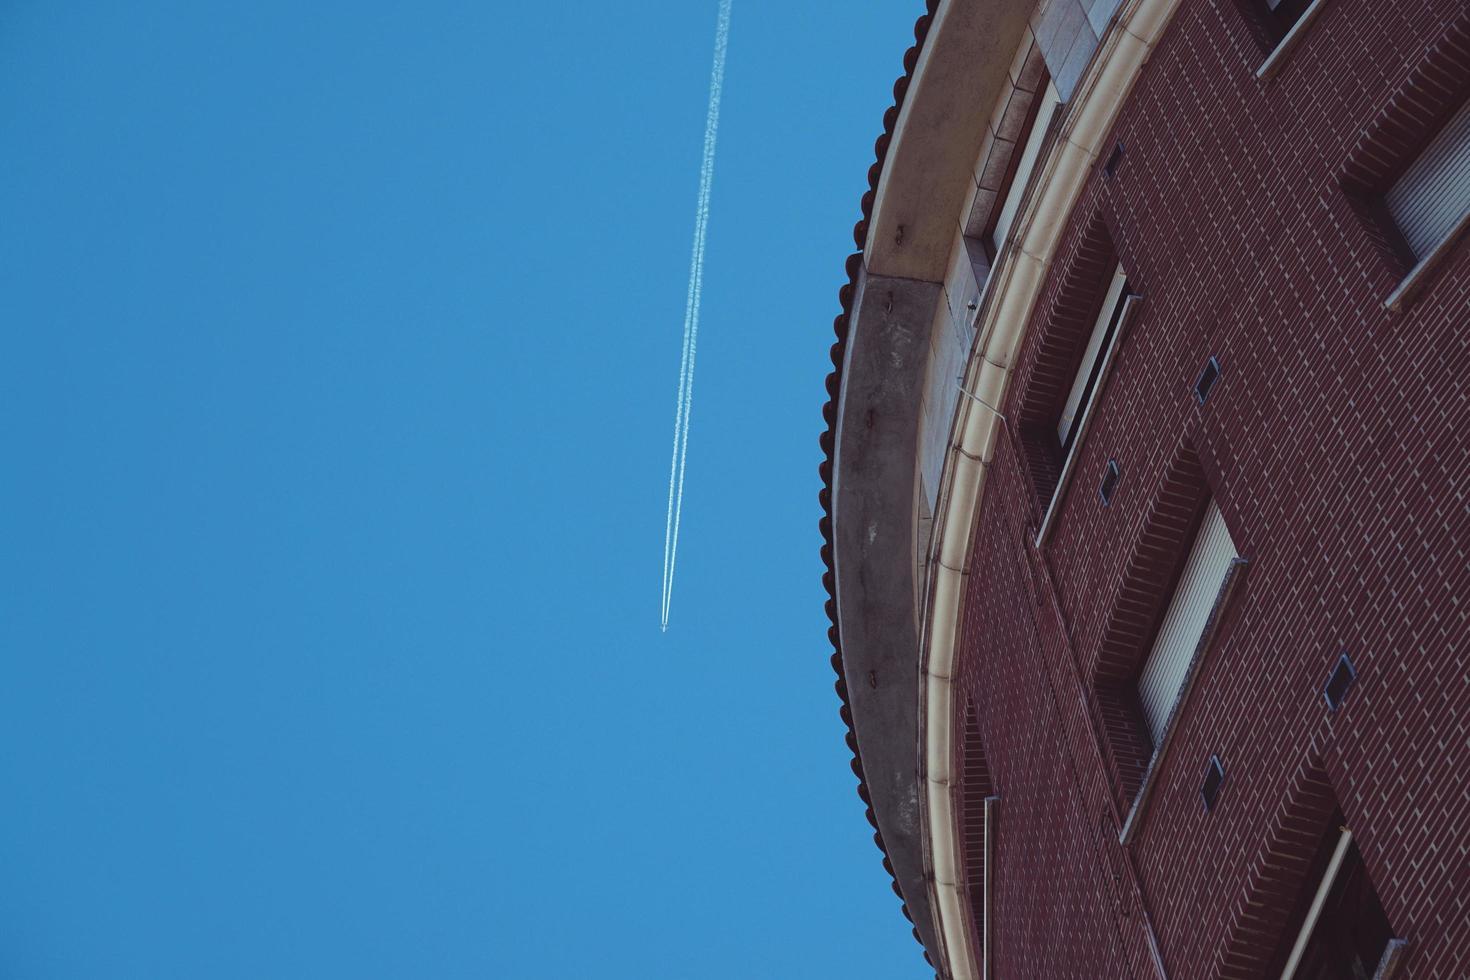 flygplan som flyger i himlen i bilbao city, spanien foto